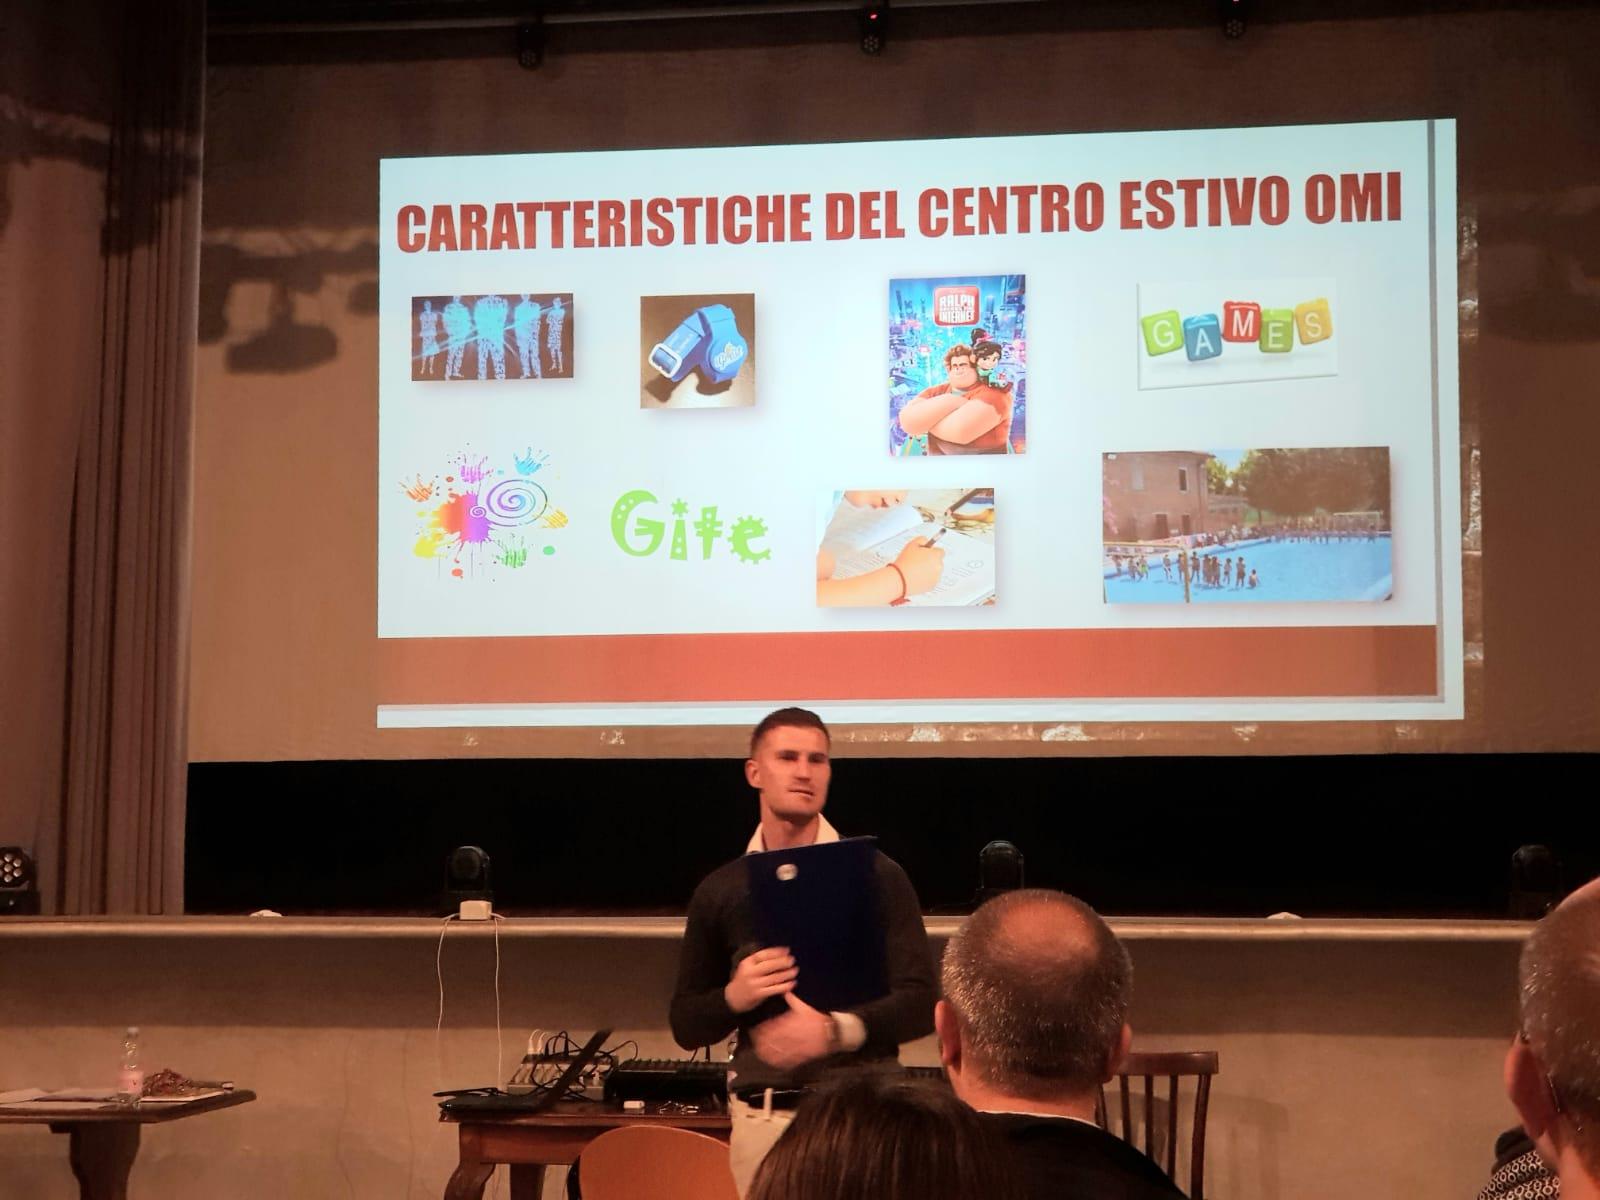 Incontro presentazione di Centro Estivo 2019 (11)